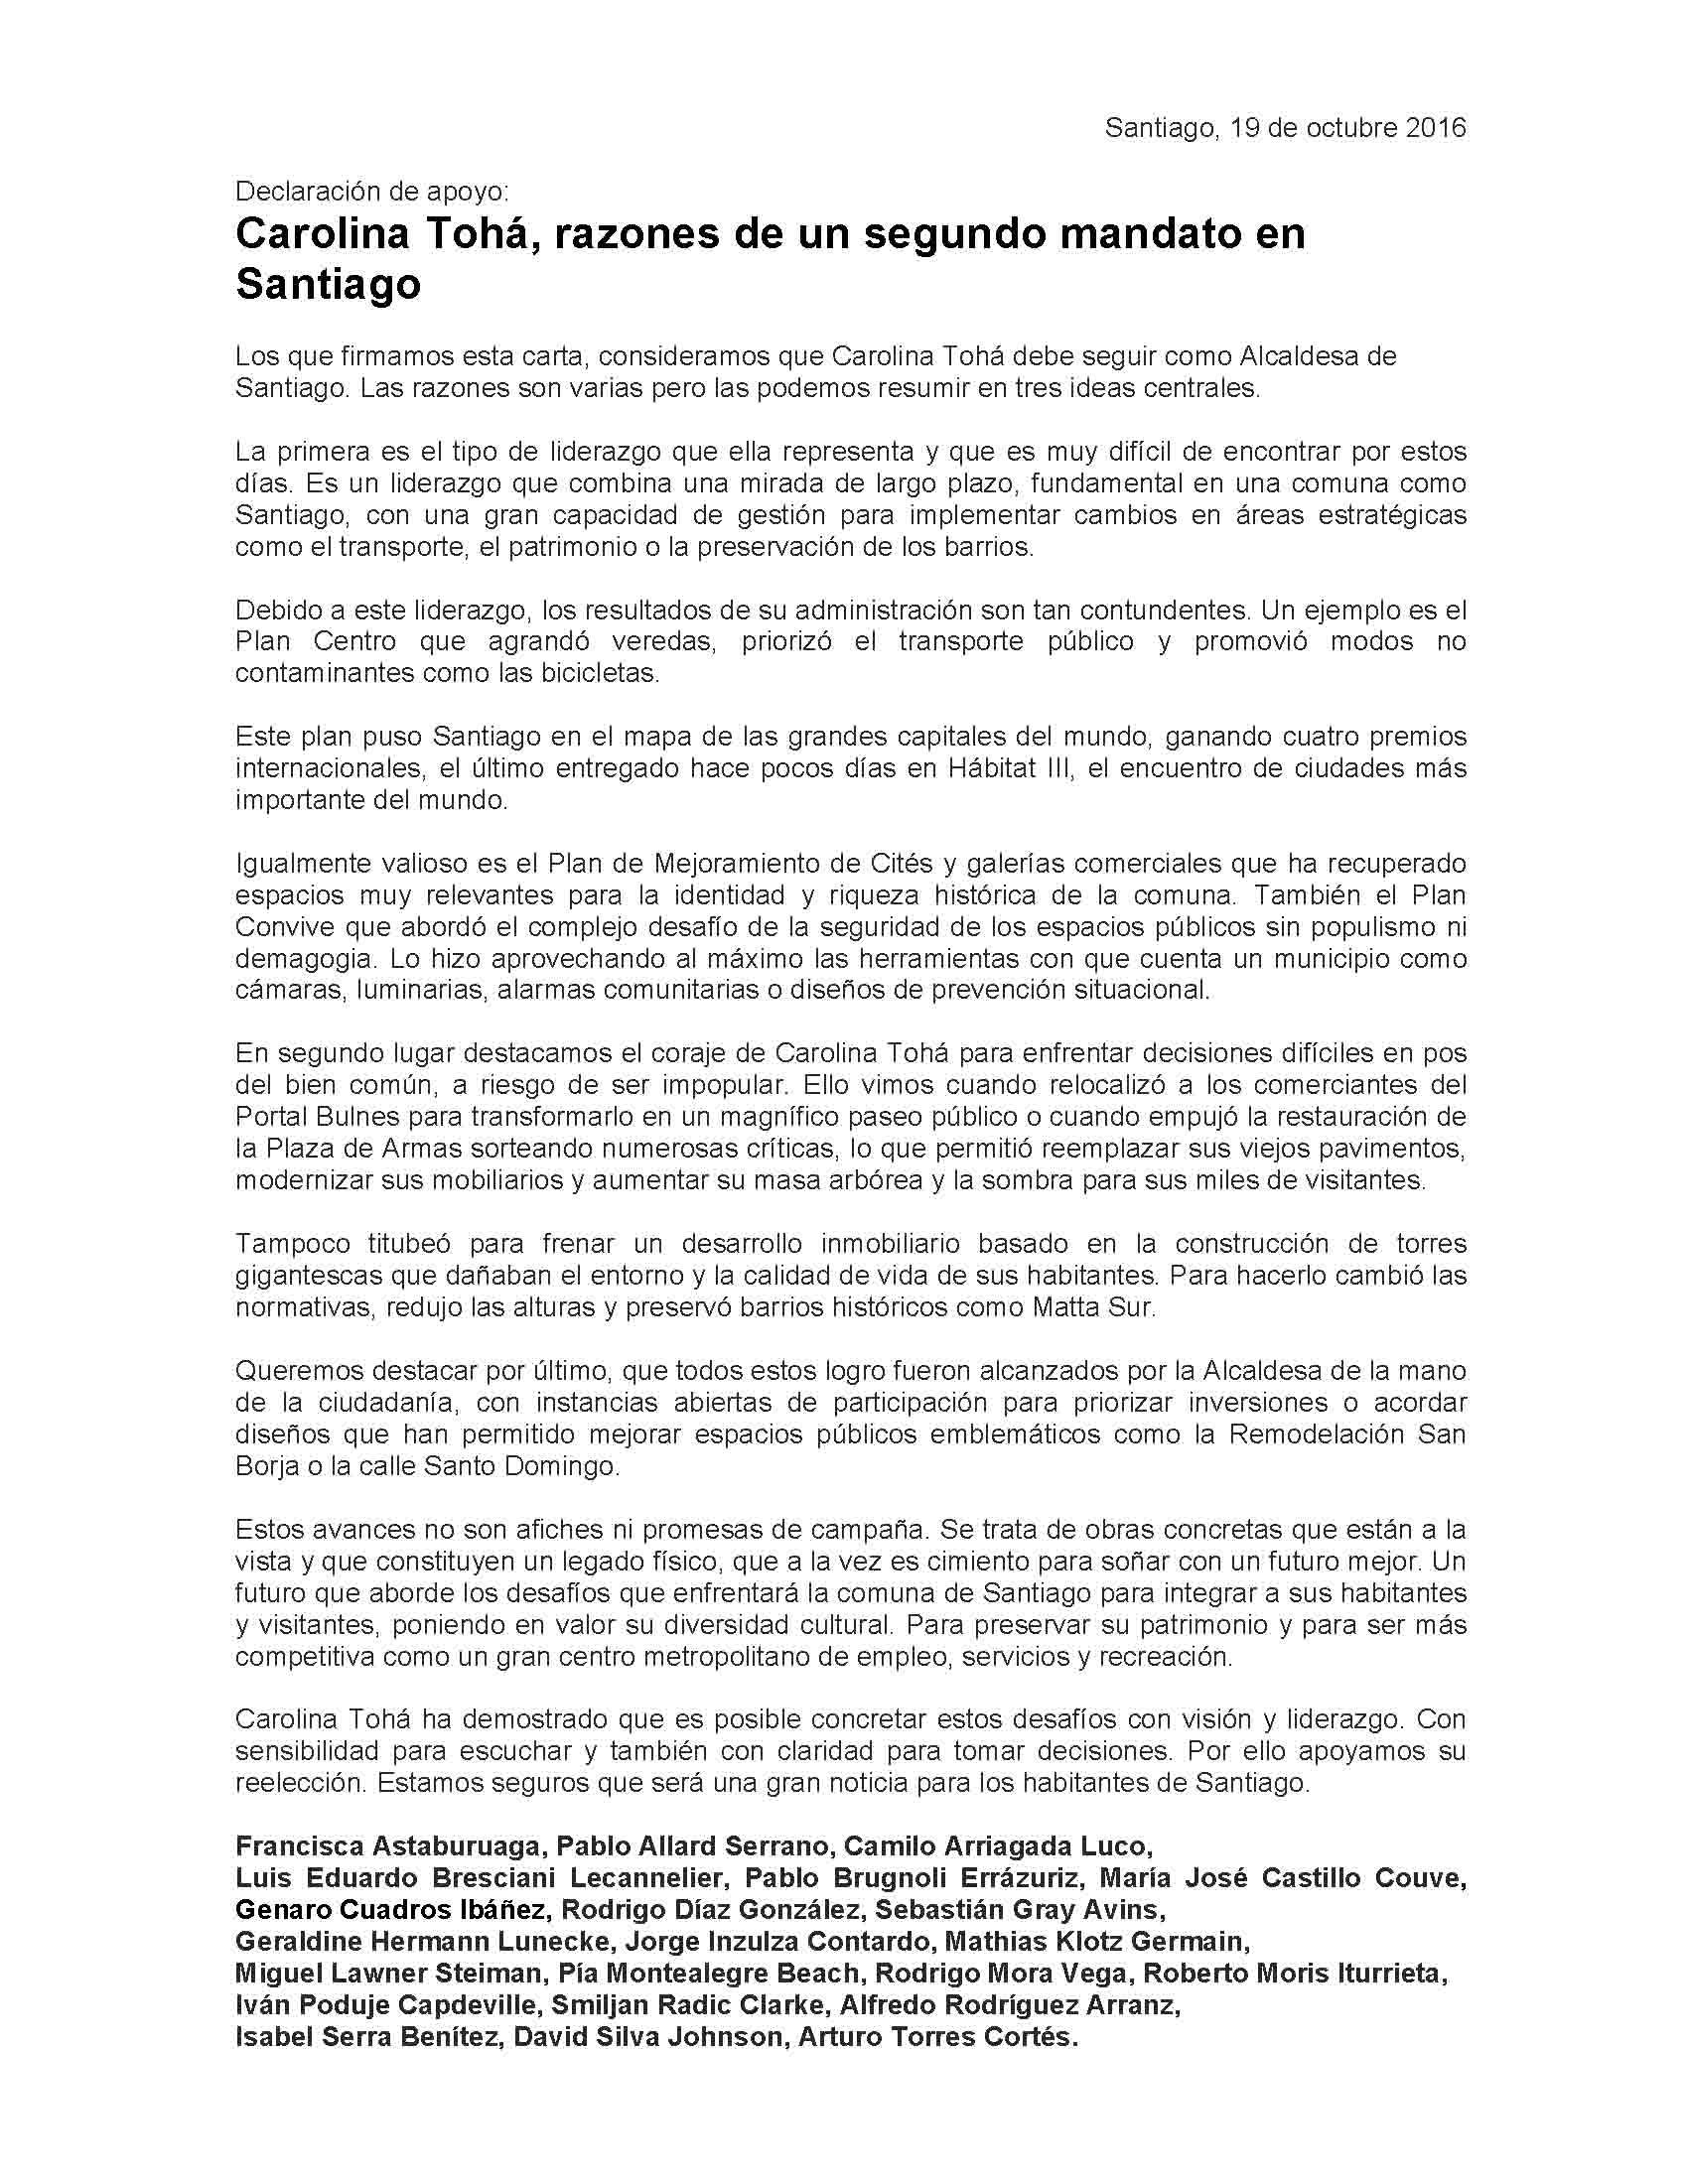 Declaración de apoyo de los profesionales a Carolina Tohá